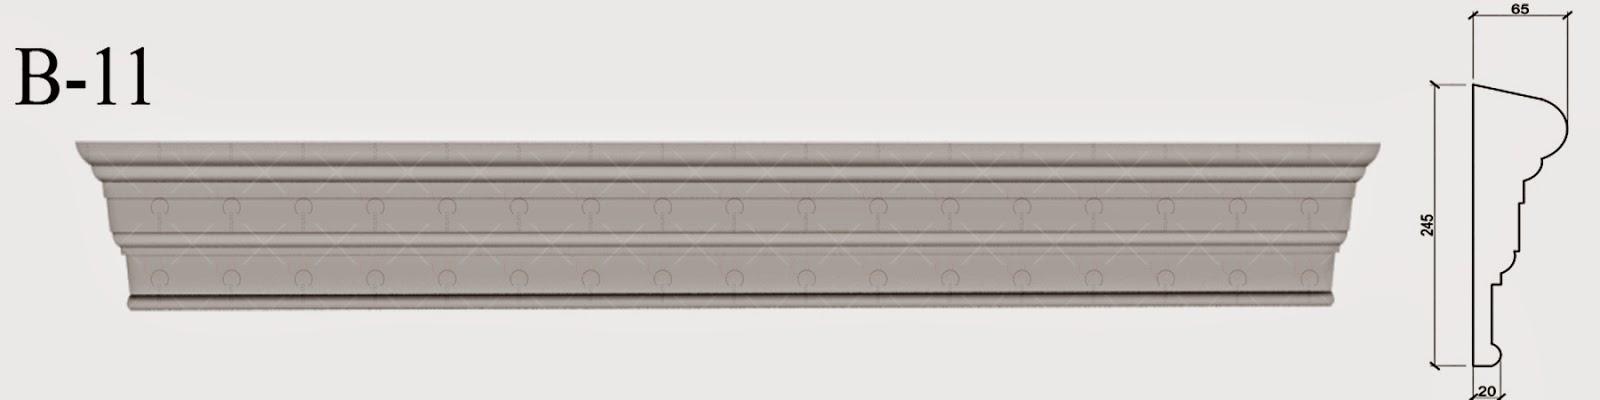 Brauri - Fatade de Case Moderne pentru fatade case, producator